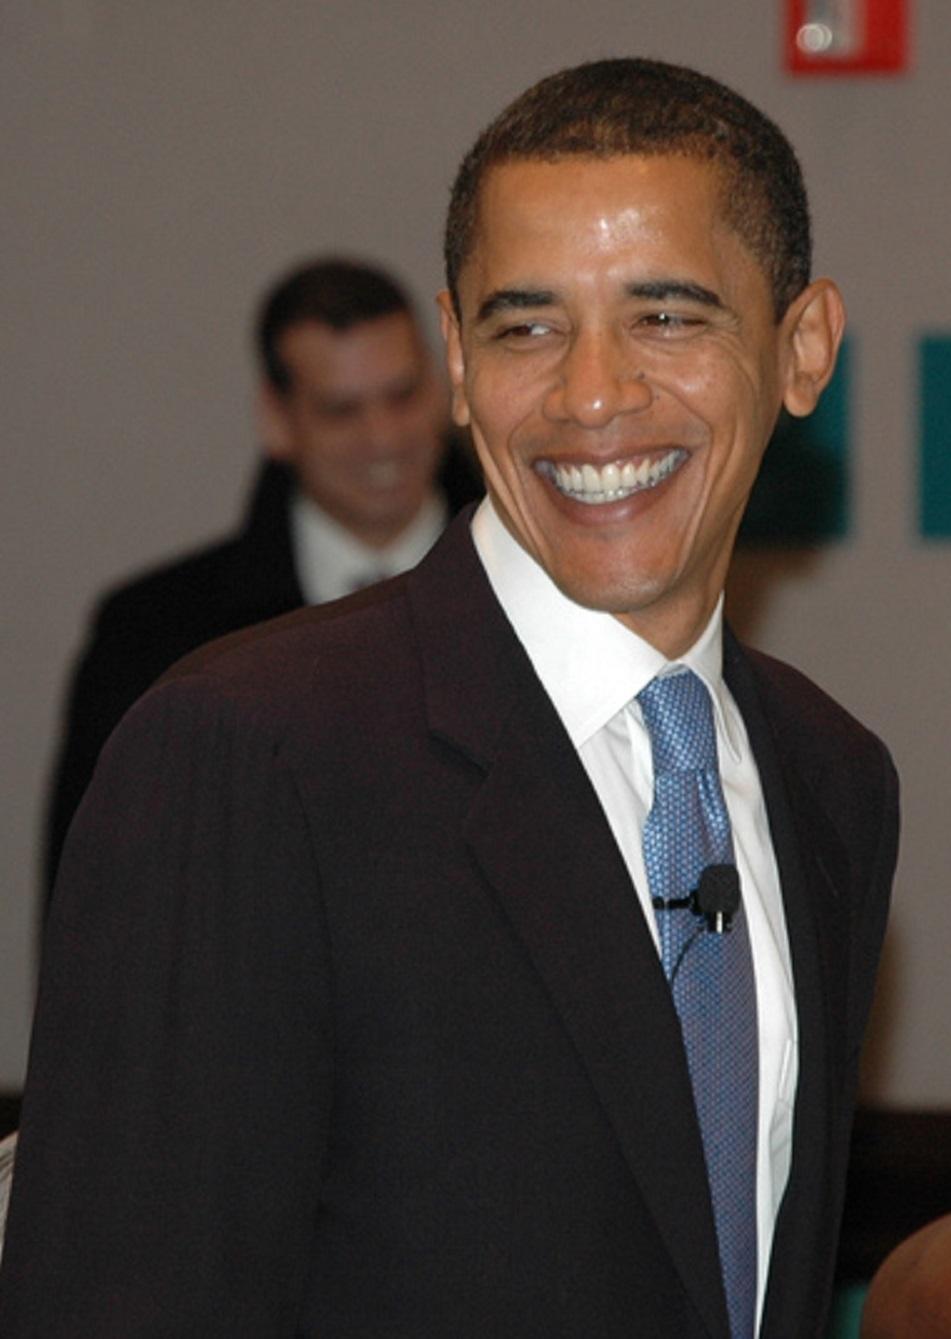 Image of Obama smiling